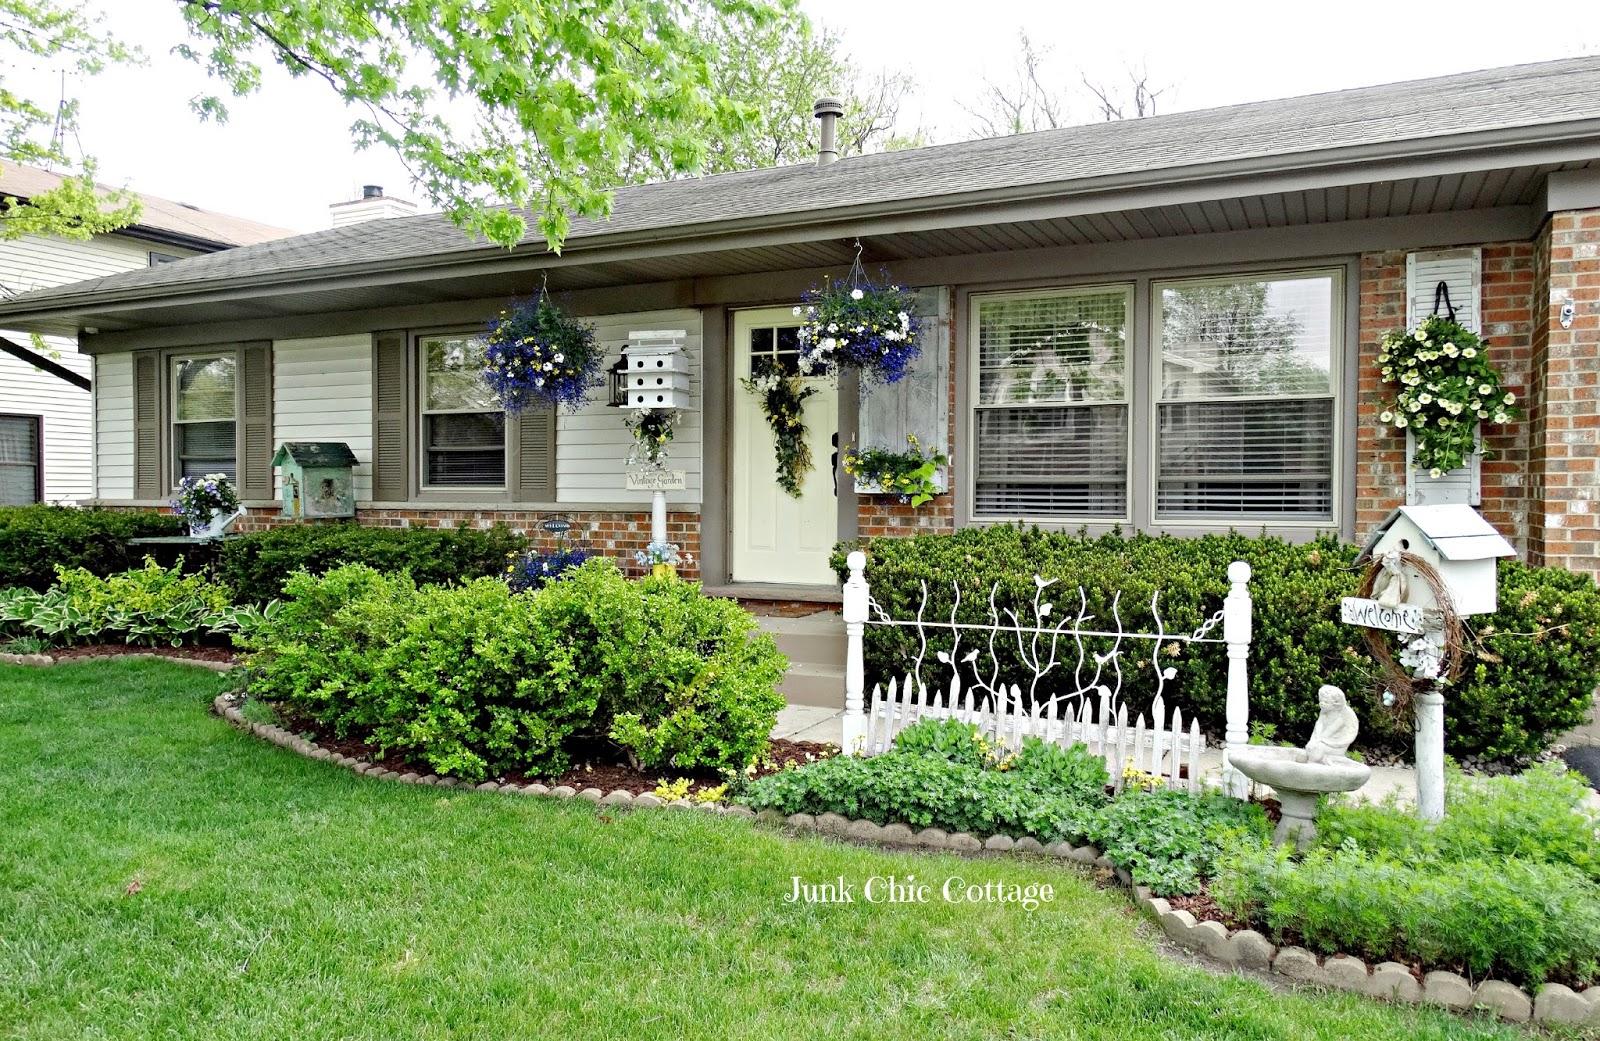 Junk Chic Cottage: Beginning Summer Front Yard Garden